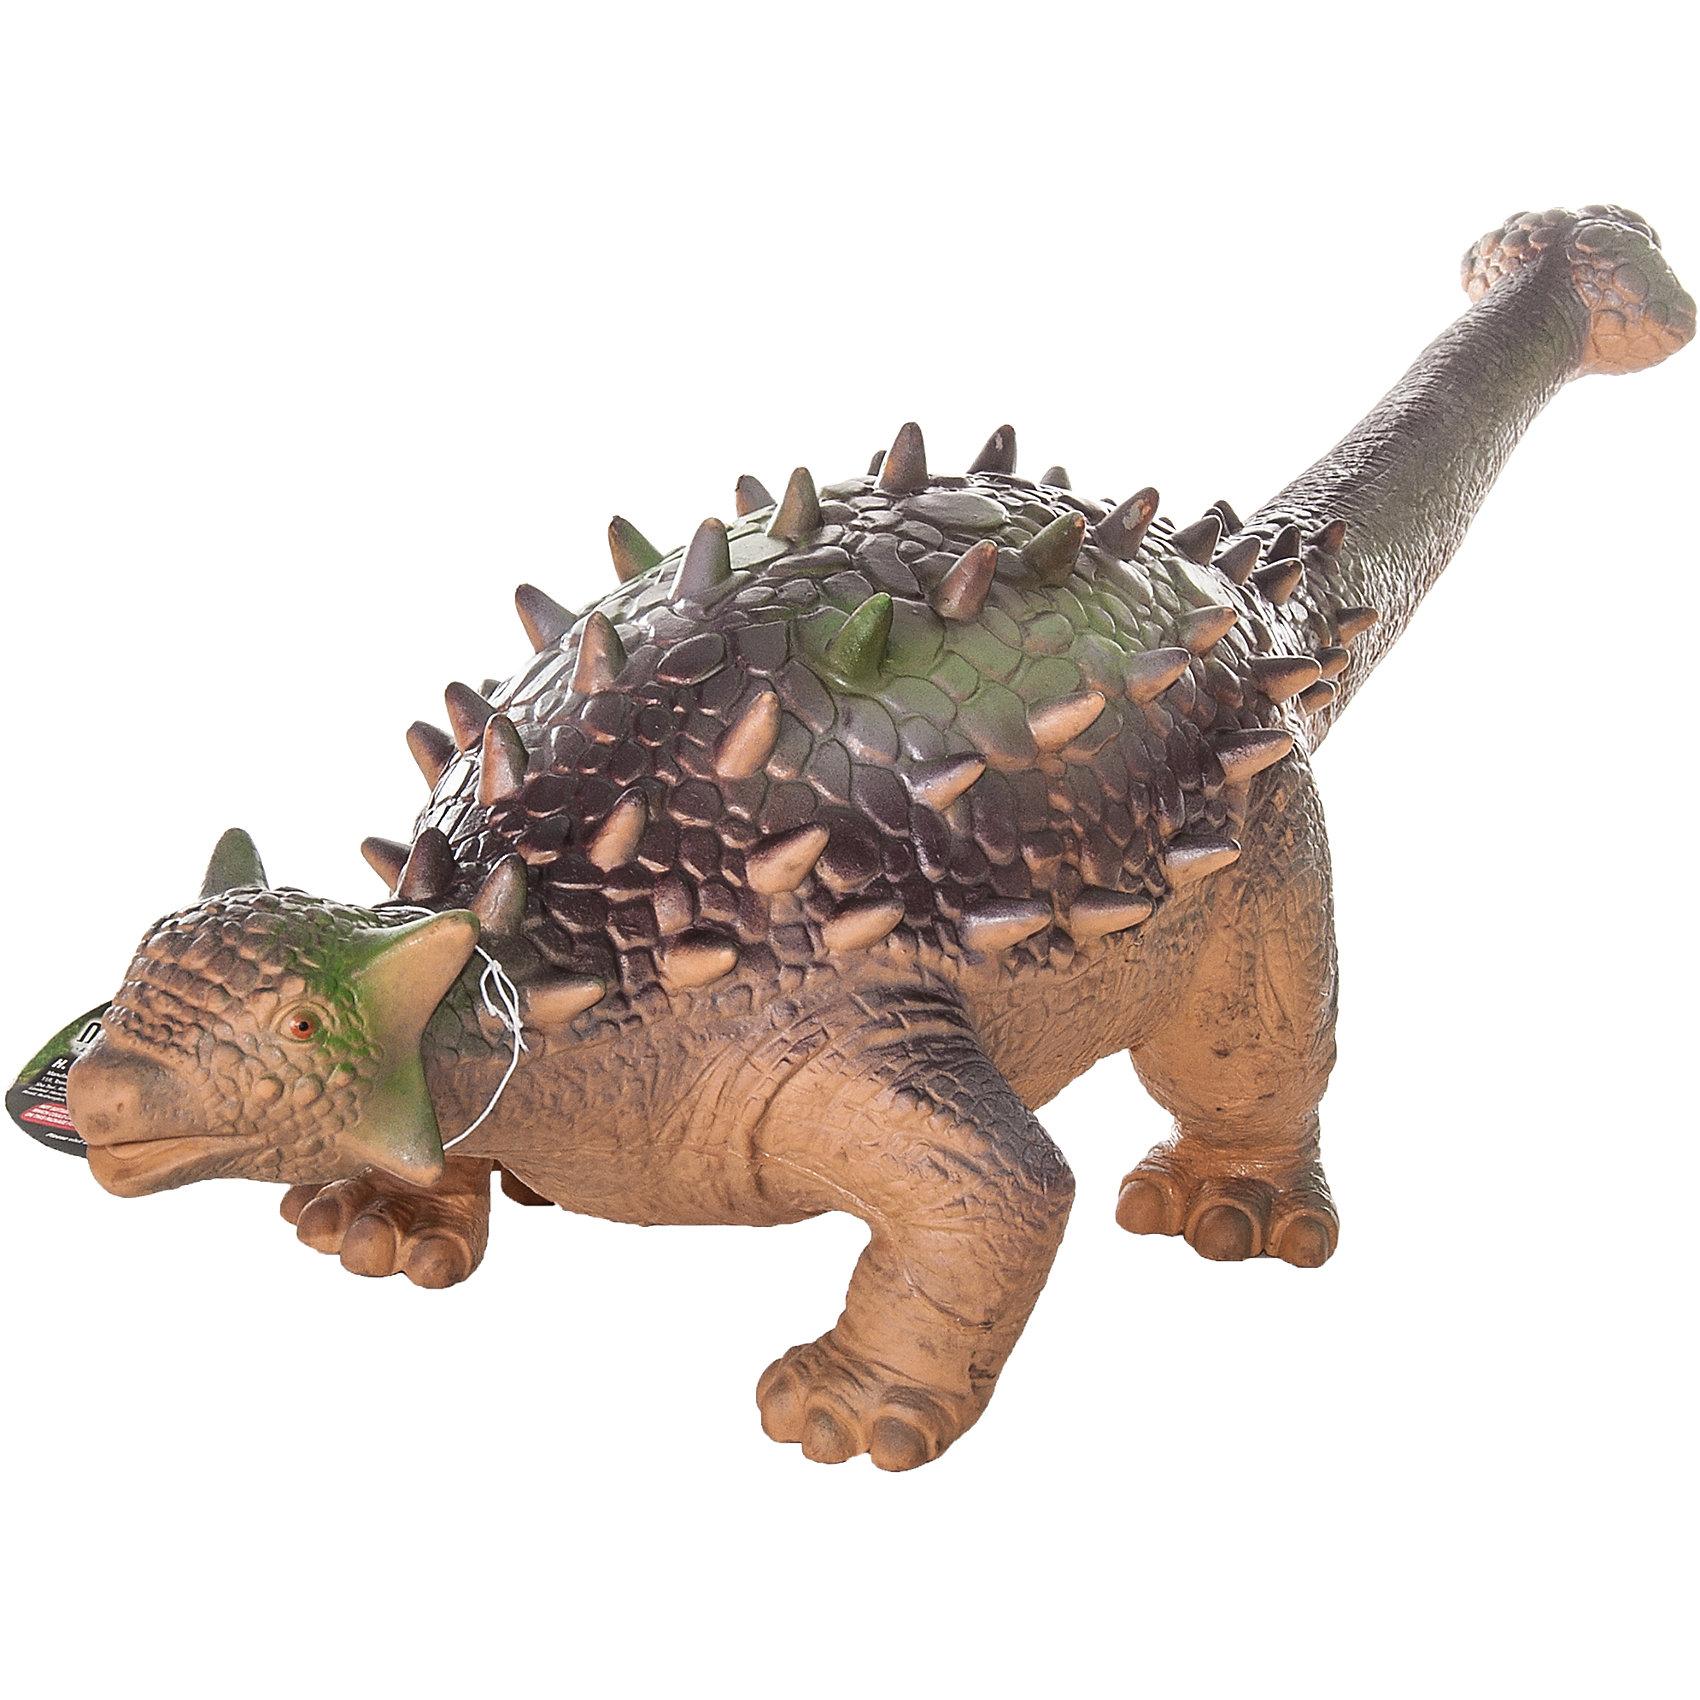 Фигурка динозавра Эвоплоцефал, HGLДетей всех возрастов привлекают фильмы и рассказы о доисторических временах и чудесных динозаврах, населявших Землю до возникновения человека. Подстегните фантазию юного любителя древностей - подарите ему динозавра из серии игрушек HGL. Специалисты компании создавали игрушки максимально похожими на своих прародителей, поэтому динозавры HGL такие интересные. Эвоплоцефал - фигурка травоядного доисторического ящера, обитавшего на Земле около 70 миллионов лет назад. Он достигал 5 метров в длину и 2 метров в высоту. Эвоплоцефал передвигался на четырех лапах, а спина его была покрыта массивными костными пластинами, которые делали его неуязвимым. Ни одна история об эре динозавров невозможна без этого необычного динозавра. Ребенок будет в восторге от такого замечательного подарка. Массивный динозавр сделан из мягкого ПВХ безопасного для детей. Внушительные размеры и отличная детализация Эвоплоцефала помогут ребенку окунуться в далекий и такой манящий доисторический мир, полный приключений.<br><br>Дополнительная информация:<br><br>- Внешний вид фигурки основан на реальных данных палеонтологов;<br>- Материал: ПВХ;<br>- Размер фигурки: 40 см;<br>- Размер упаковки: 52 х 16 х 15 см;<br>- Вес: 750 г<br><br>Фигурку динозавра Эвоплоцефал, HGL можно купить в нашем интернет-магазине.<br><br>Ширина мм: 520<br>Глубина мм: 160<br>Высота мм: 150<br>Вес г: 750<br>Возраст от месяцев: 36<br>Возраст до месяцев: 192<br>Пол: Унисекс<br>Возраст: Детский<br>SKU: 4135949